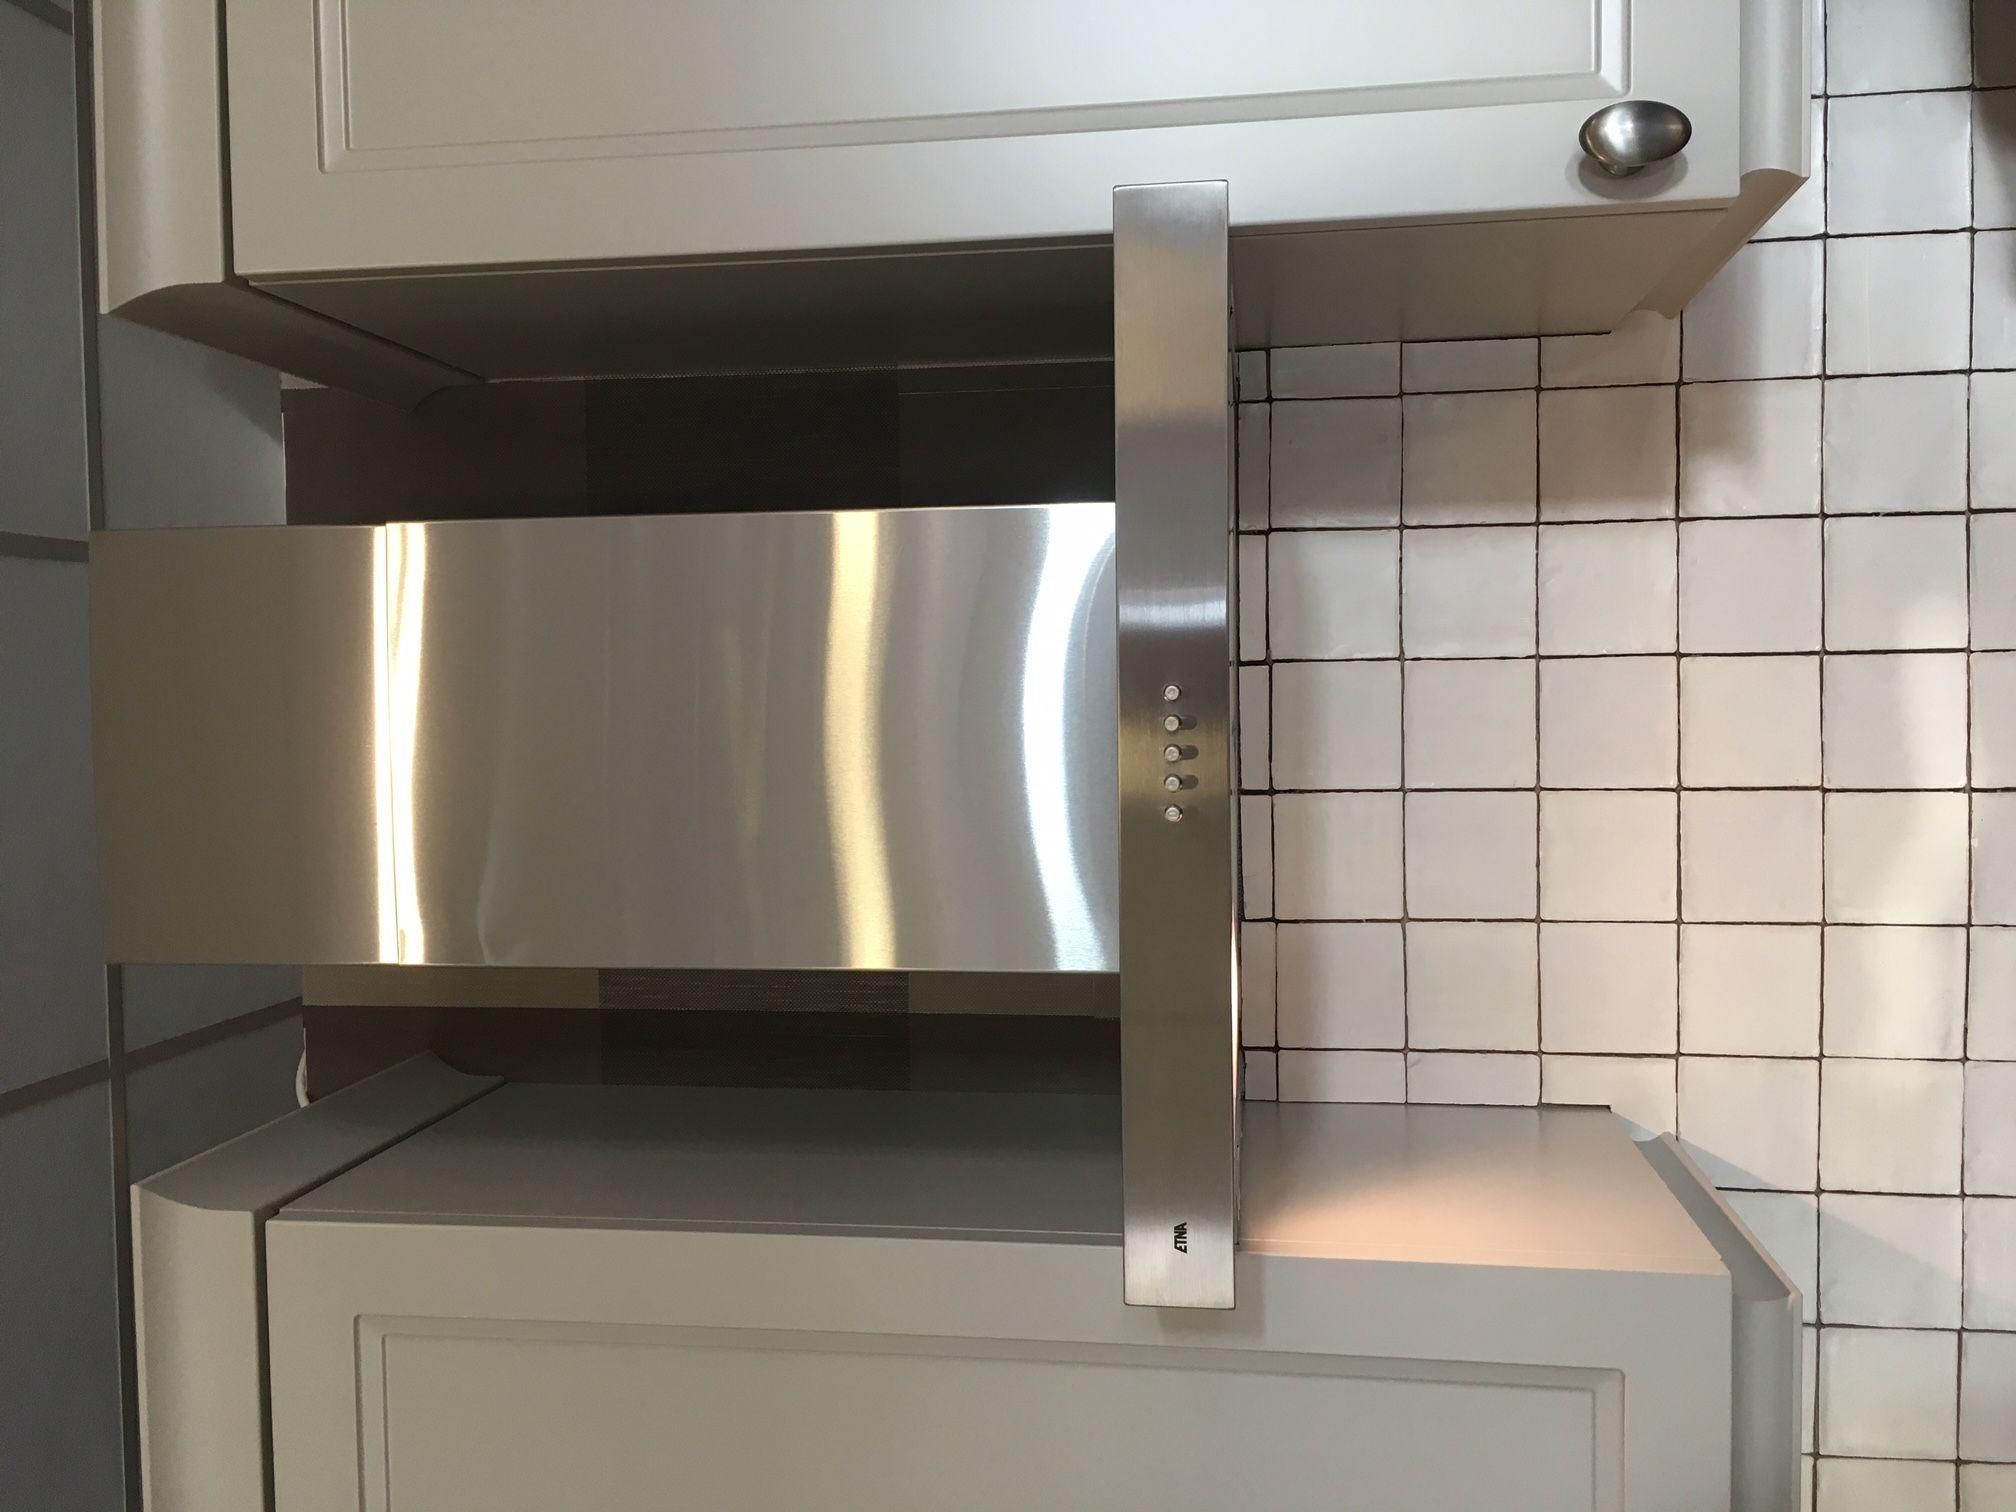 Allergrootste keukensite van nederland klasiek moderne keuken met stenen blad - Afbeelding van moderne keuken ...